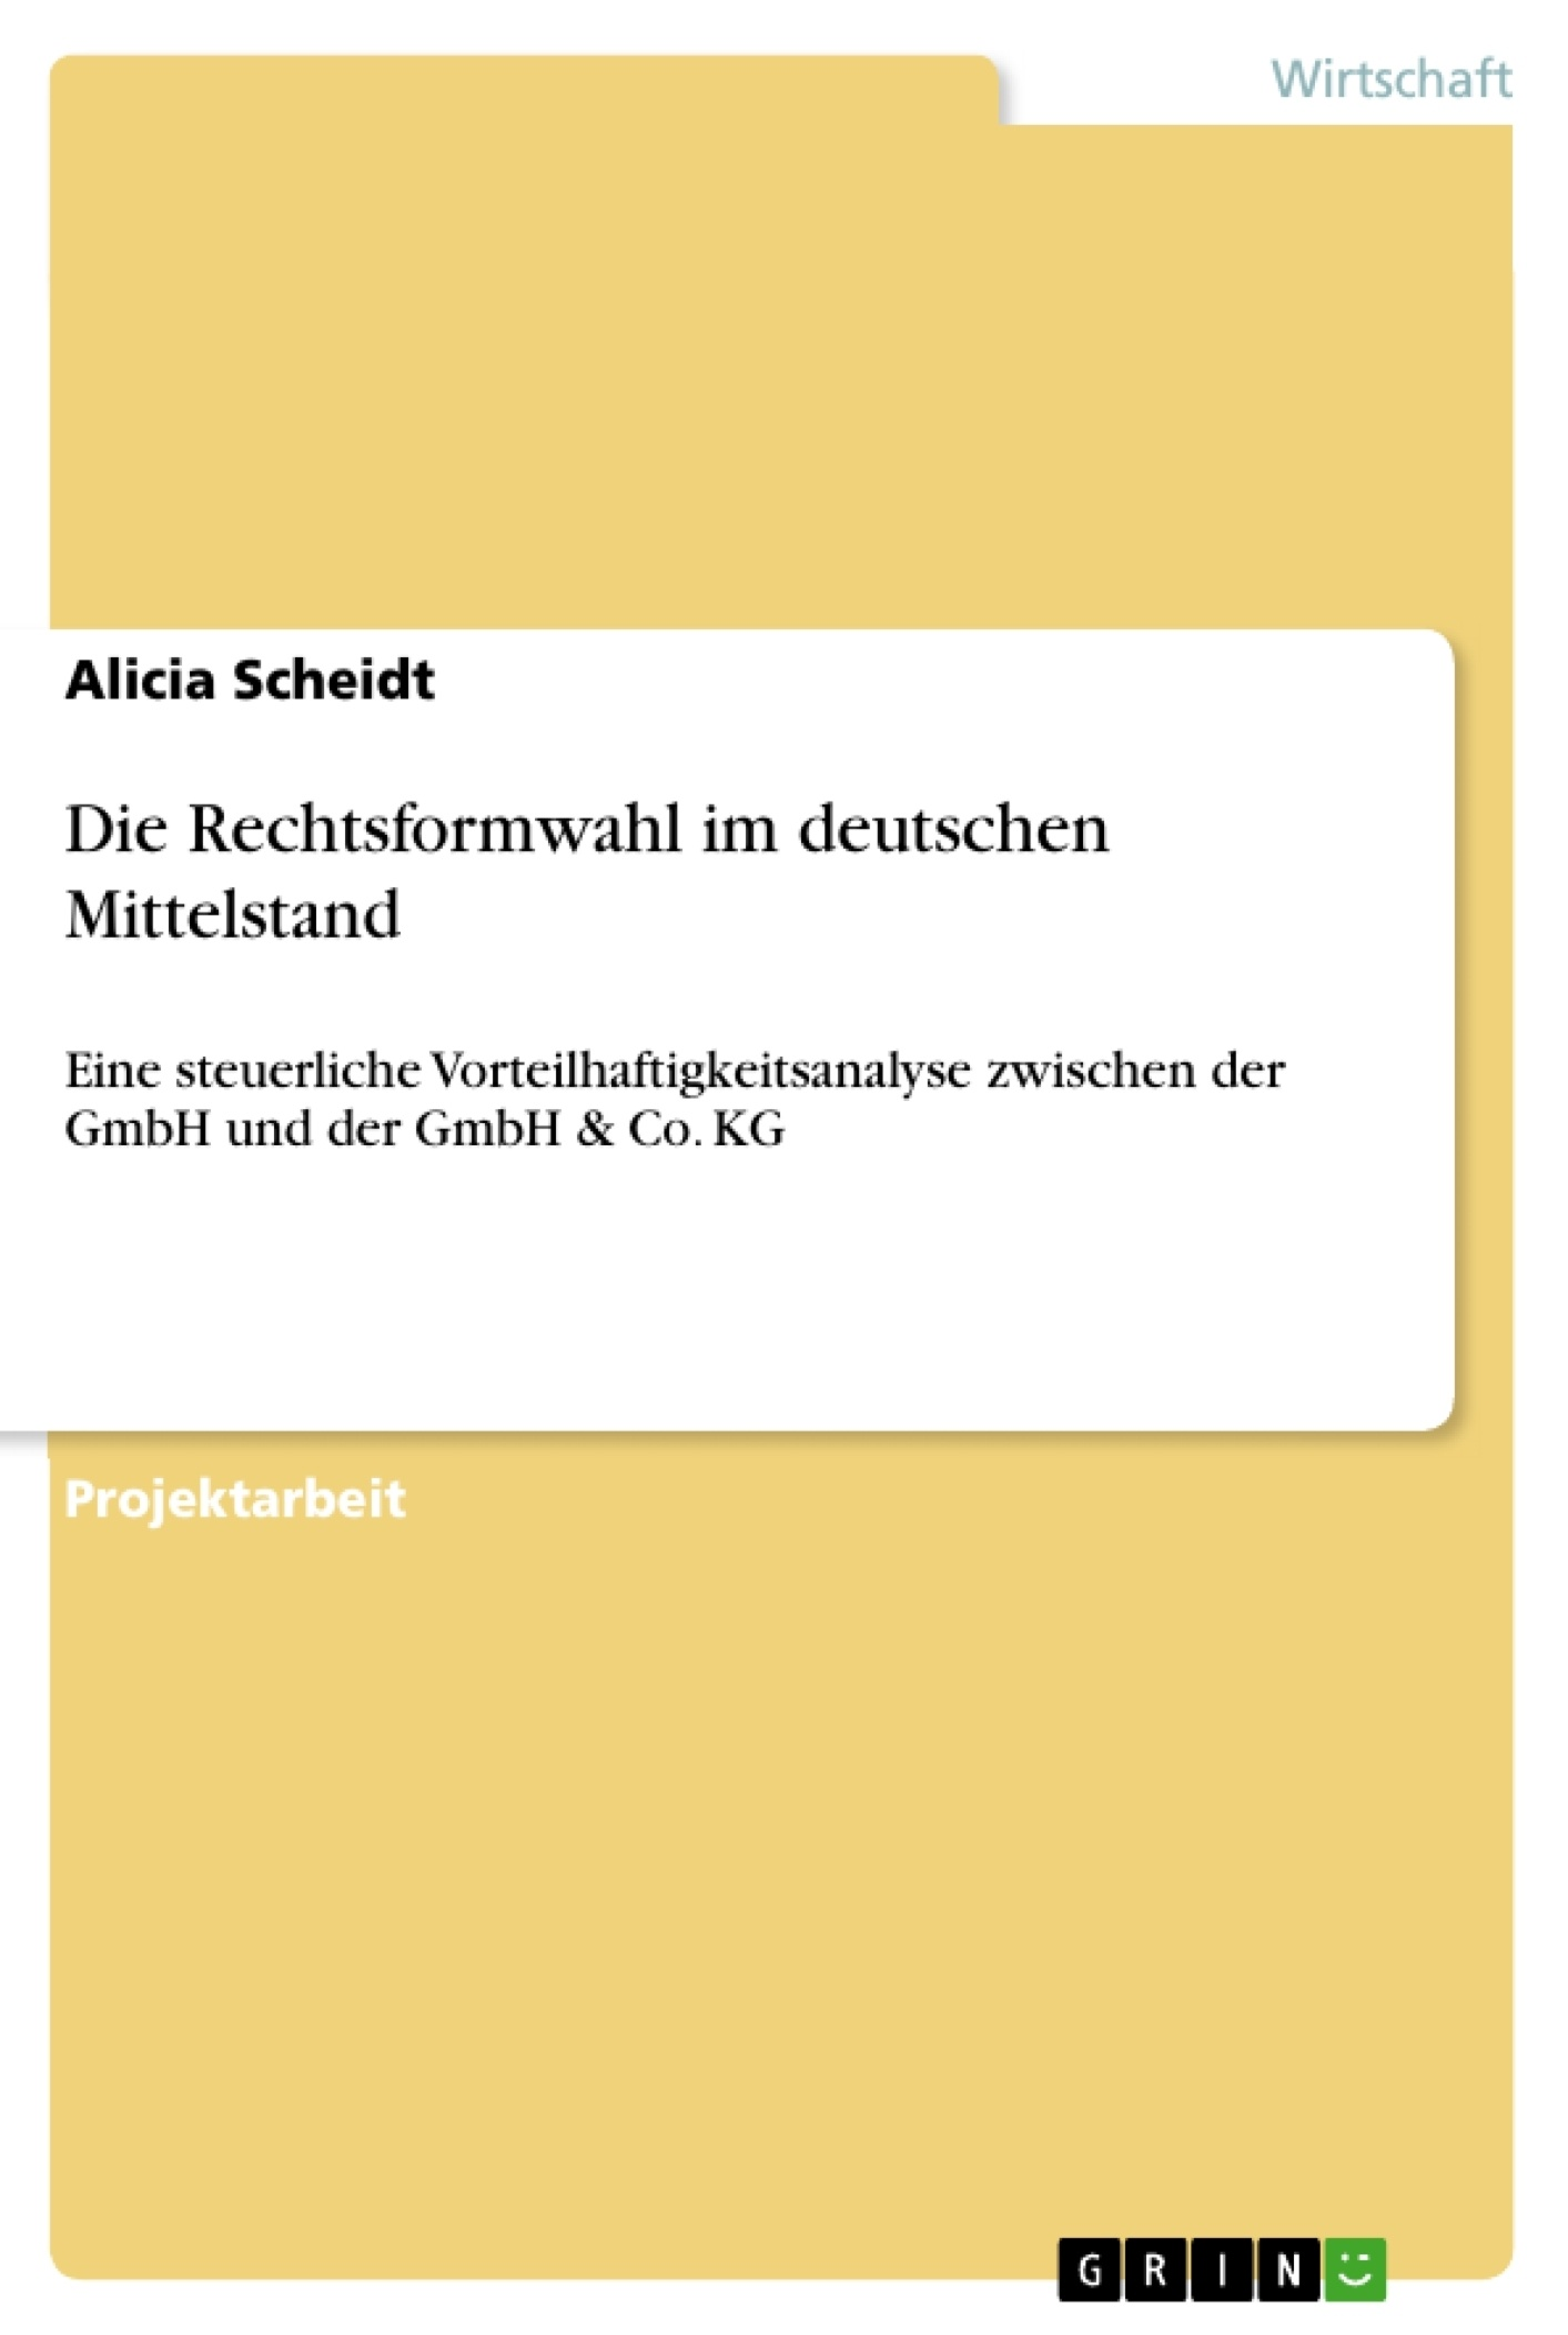 Titel: Die Rechtsformwahl im deutschen Mittelstand